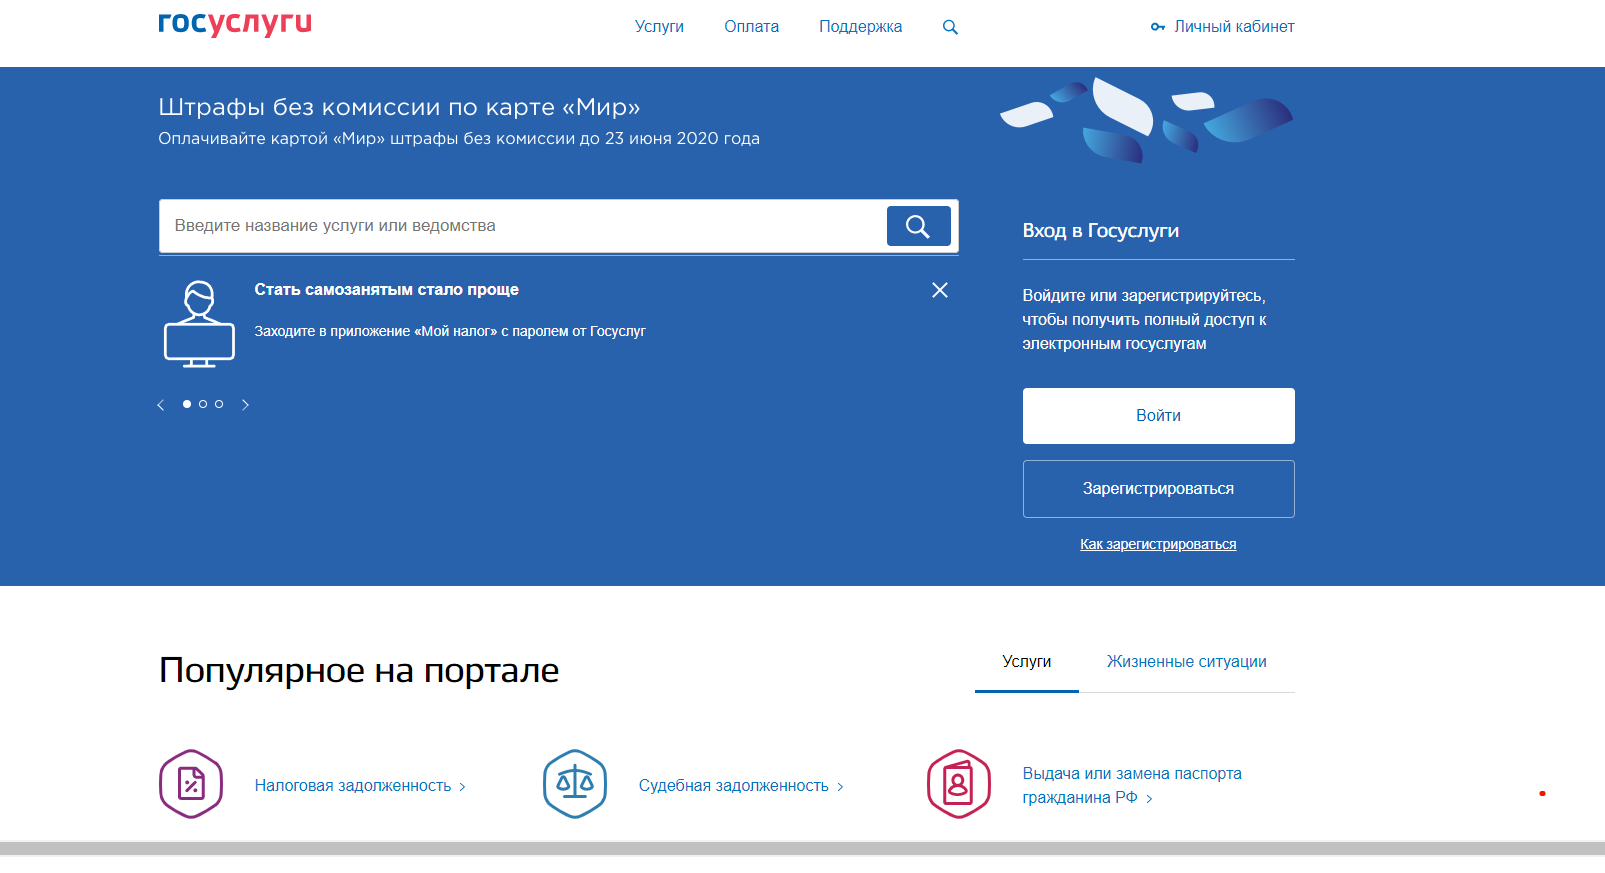 kak-uznat-kreditnuyu-istoriyu-besplatno-po-familii_23